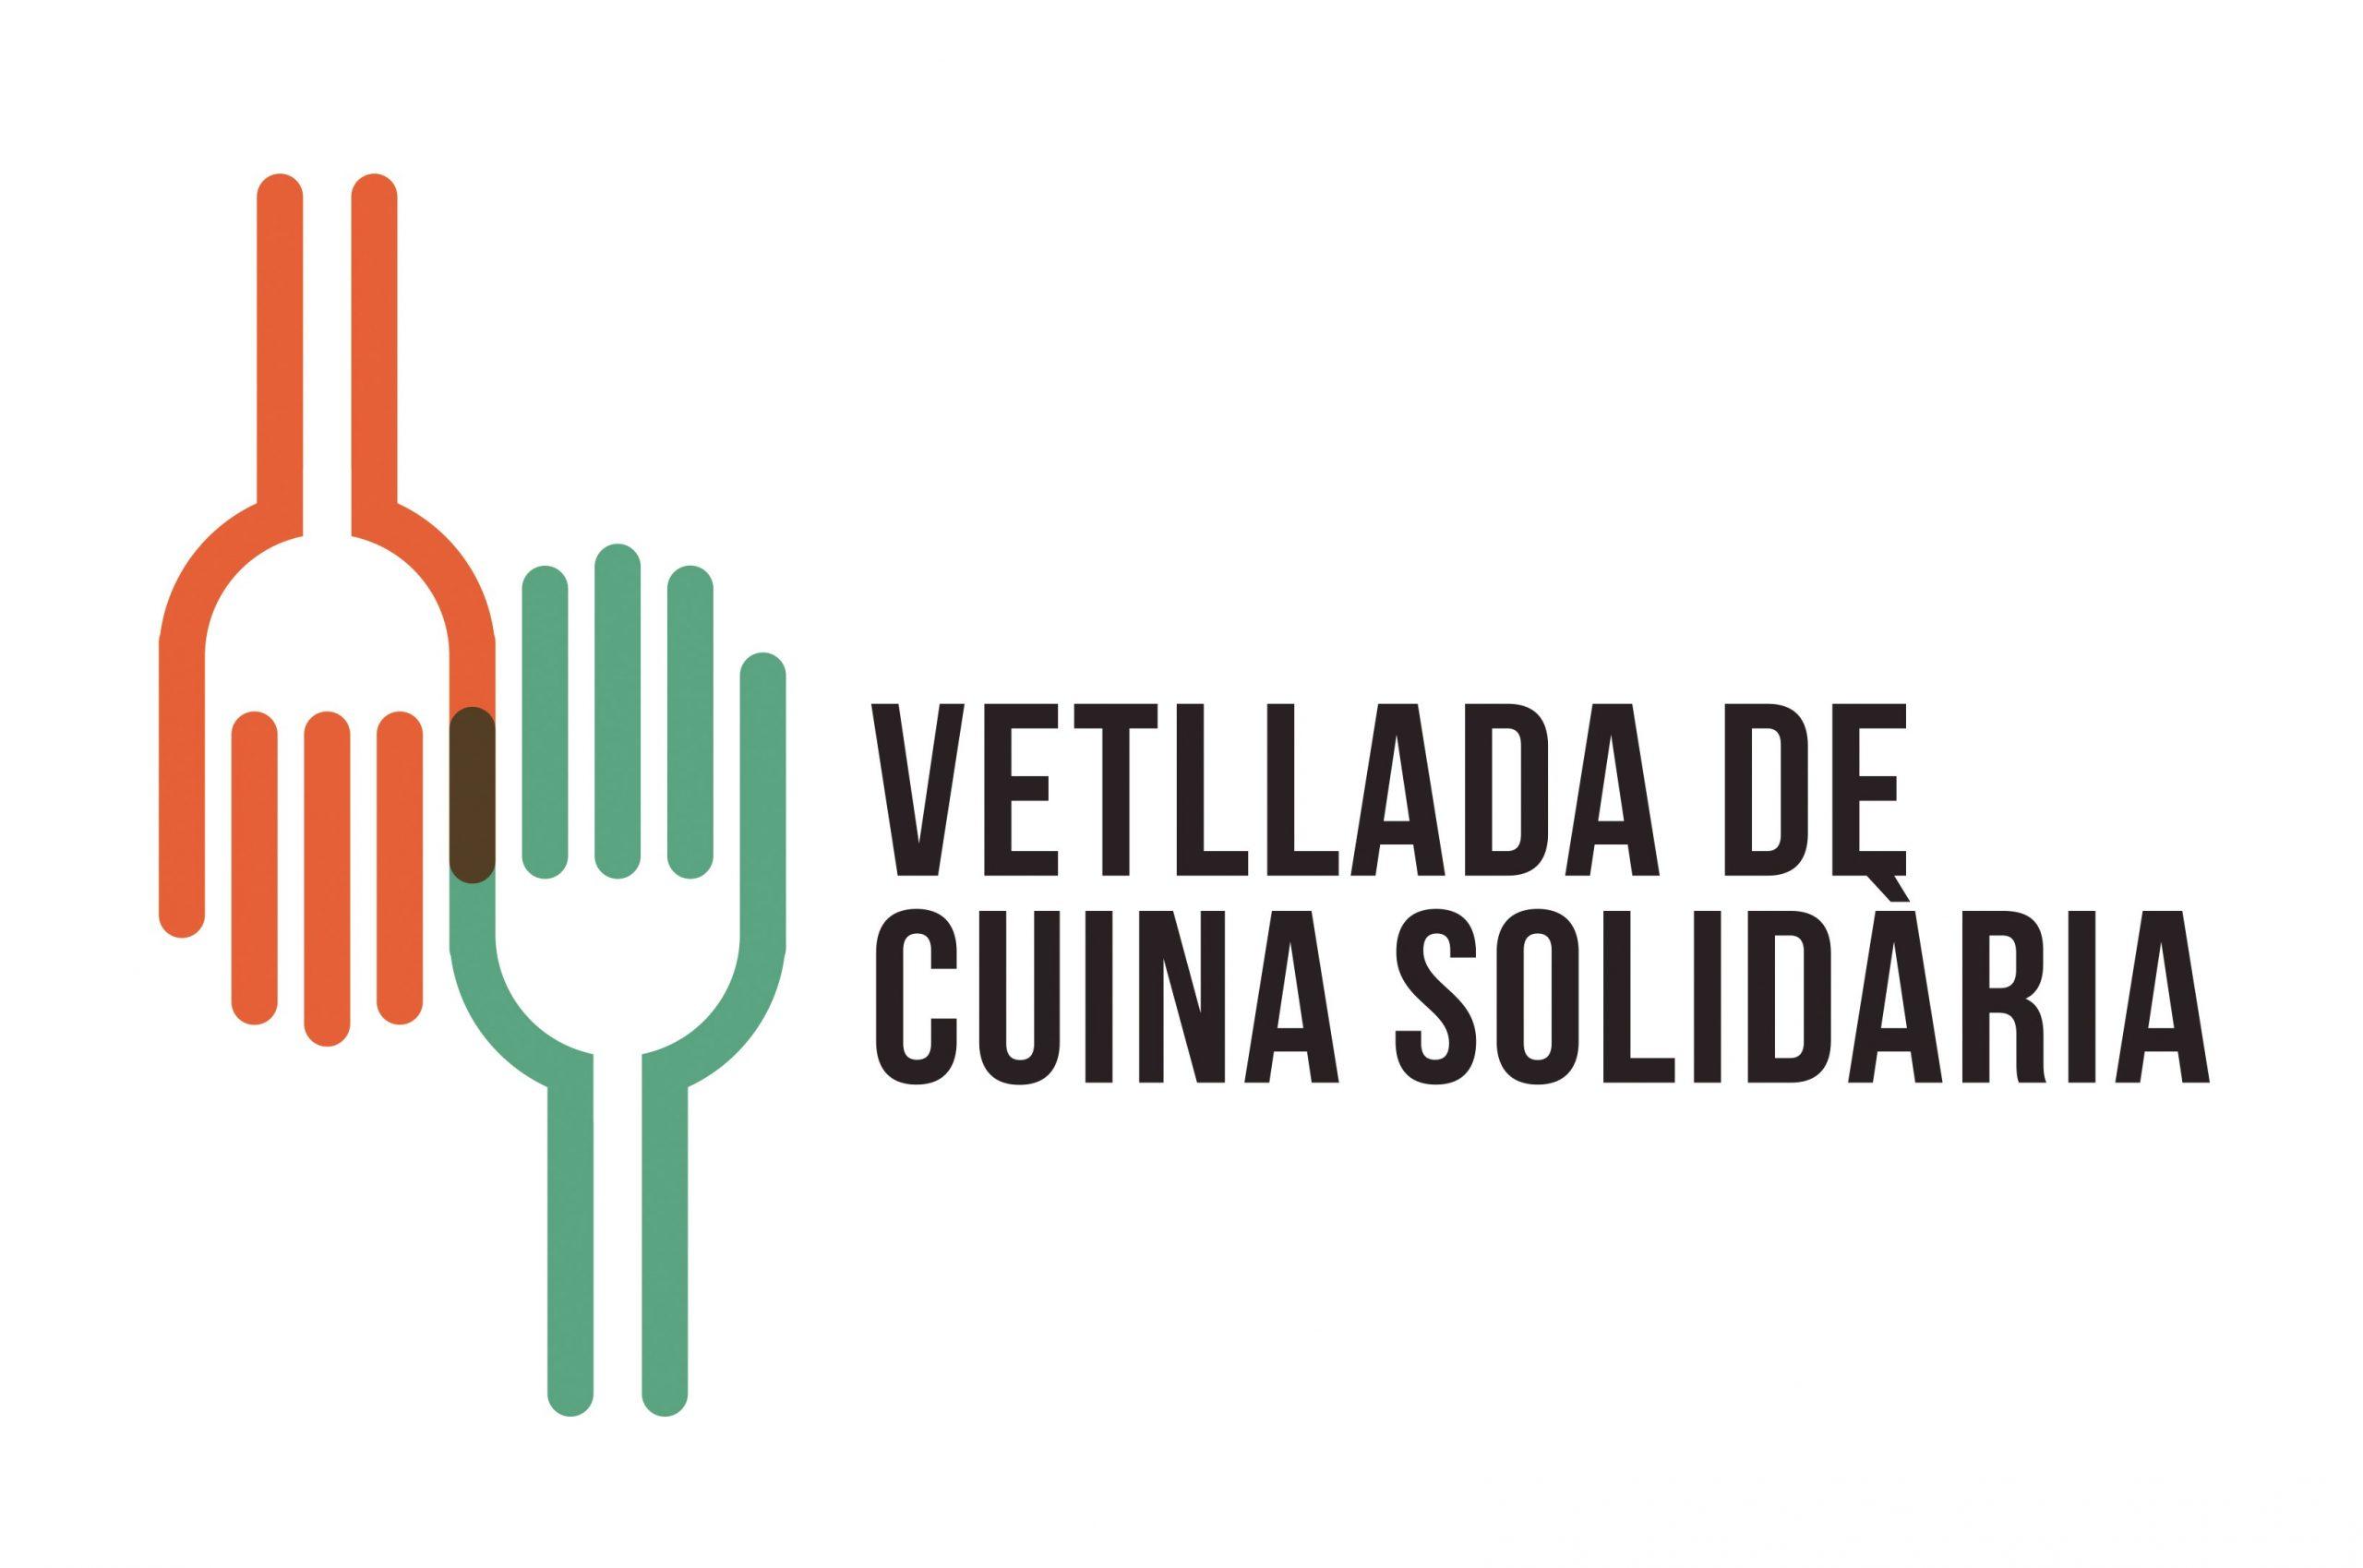 Vetllada de Cuina Solidària